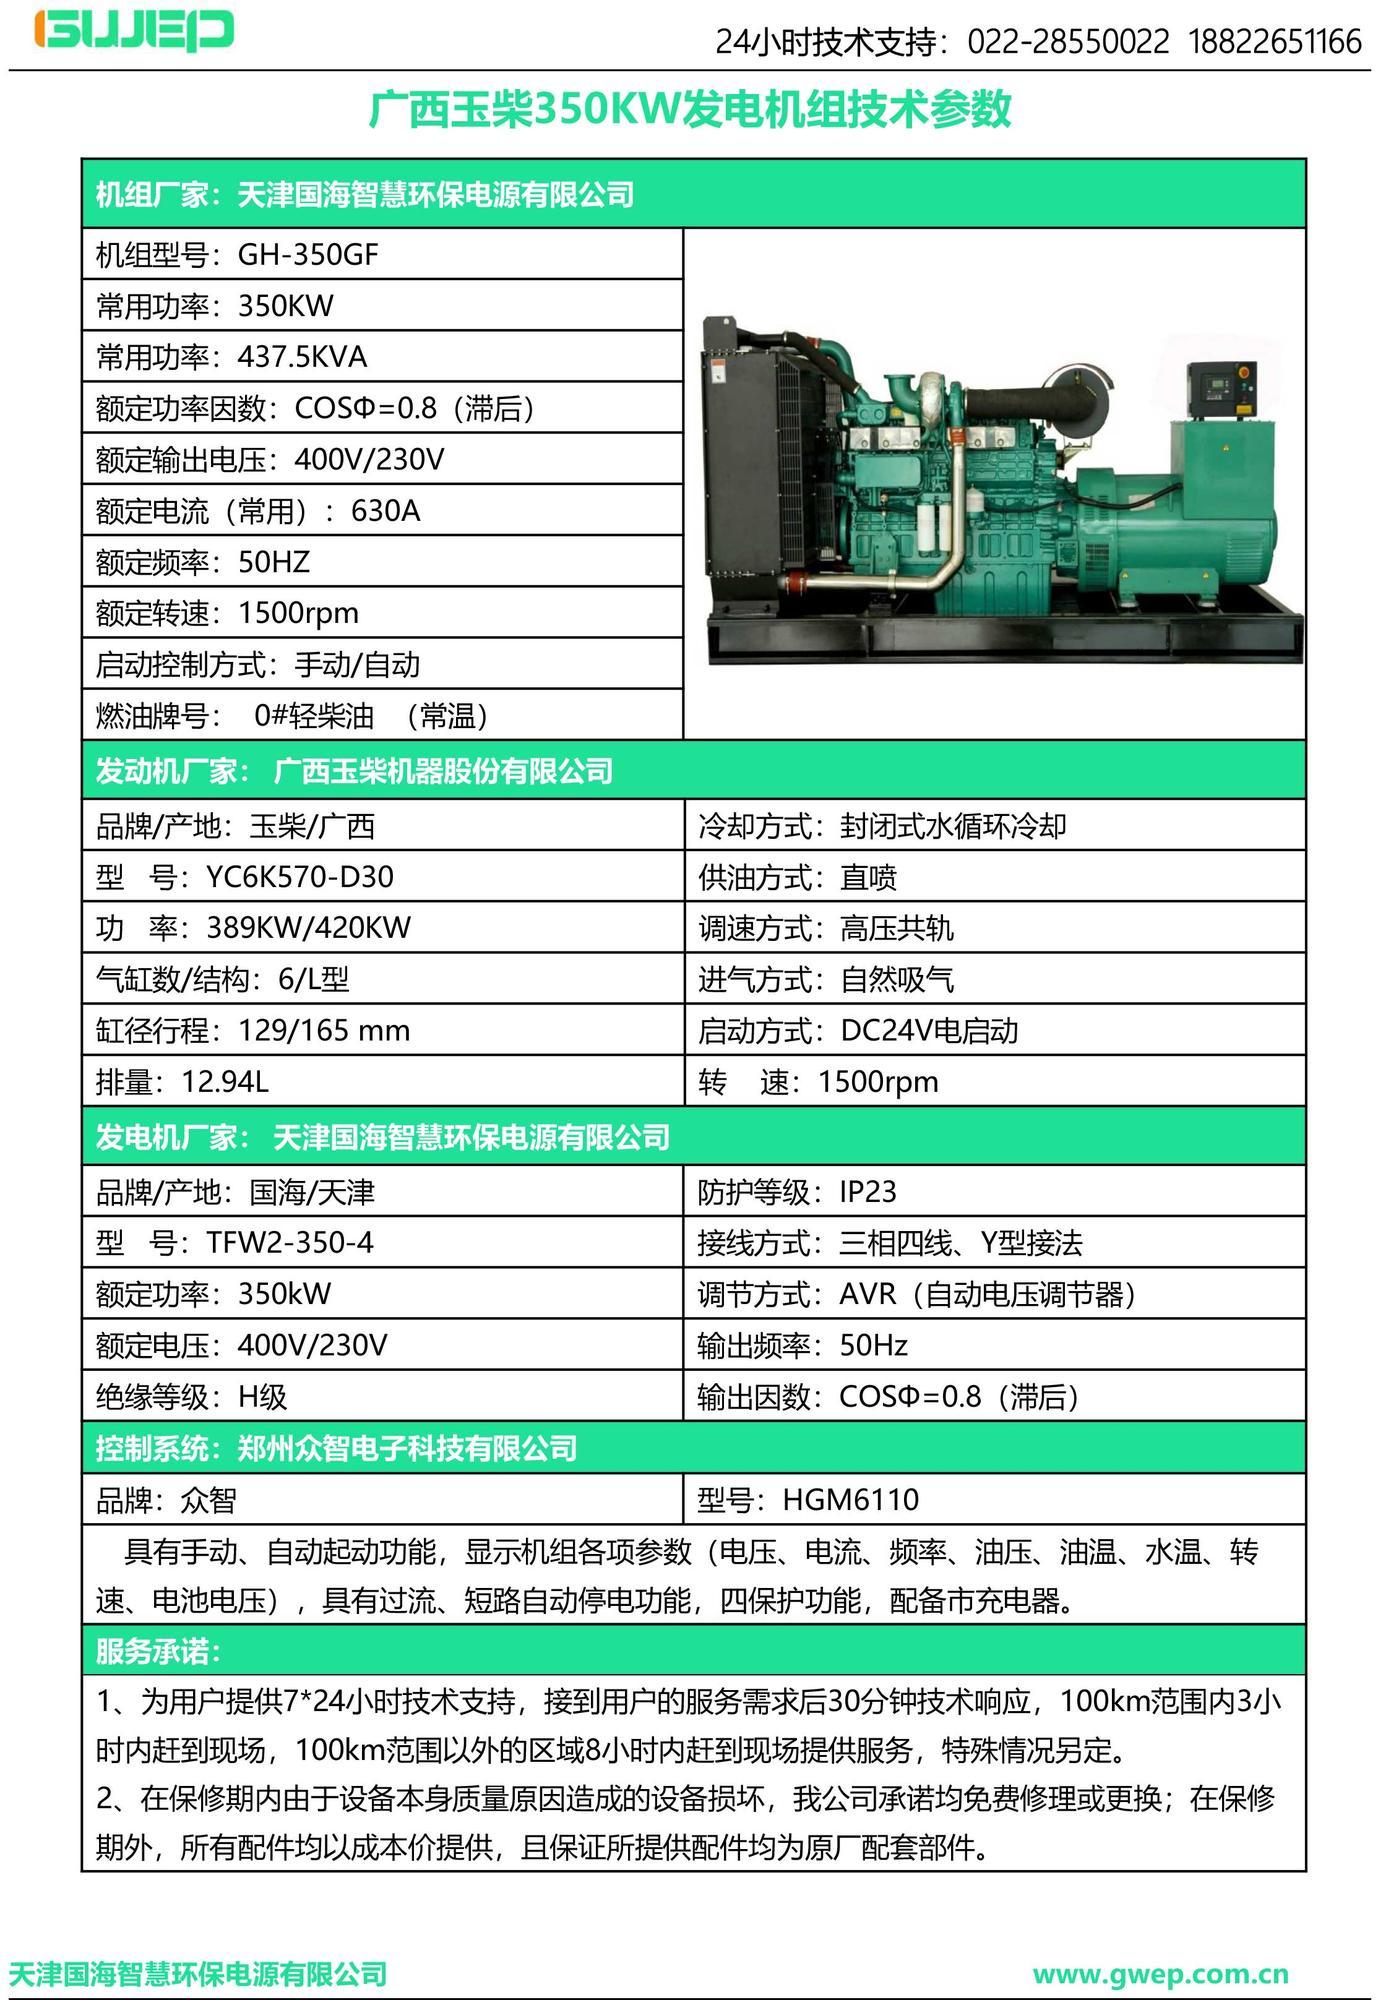 玉柴350KW发电机组技术资料-2.jpg